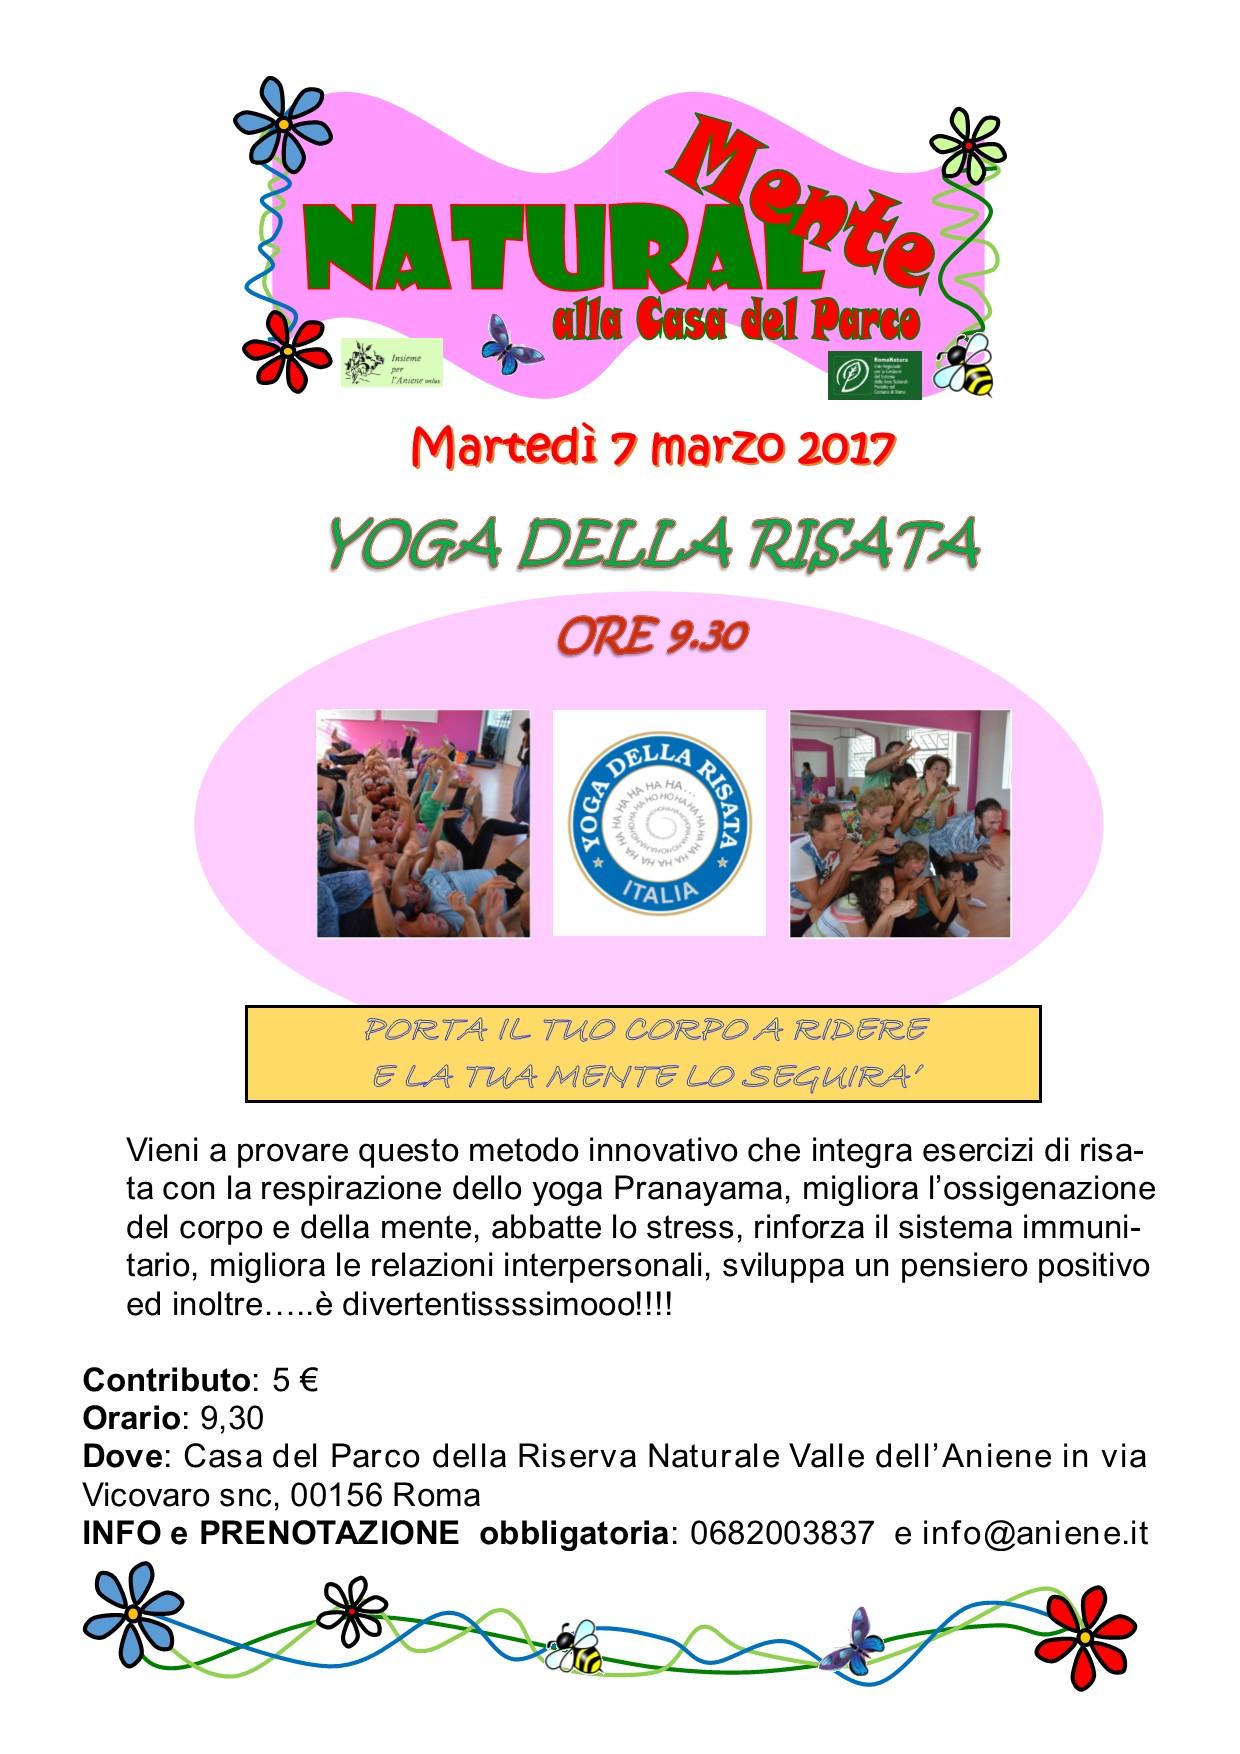 Yoga della Risata con Francesca Pieri